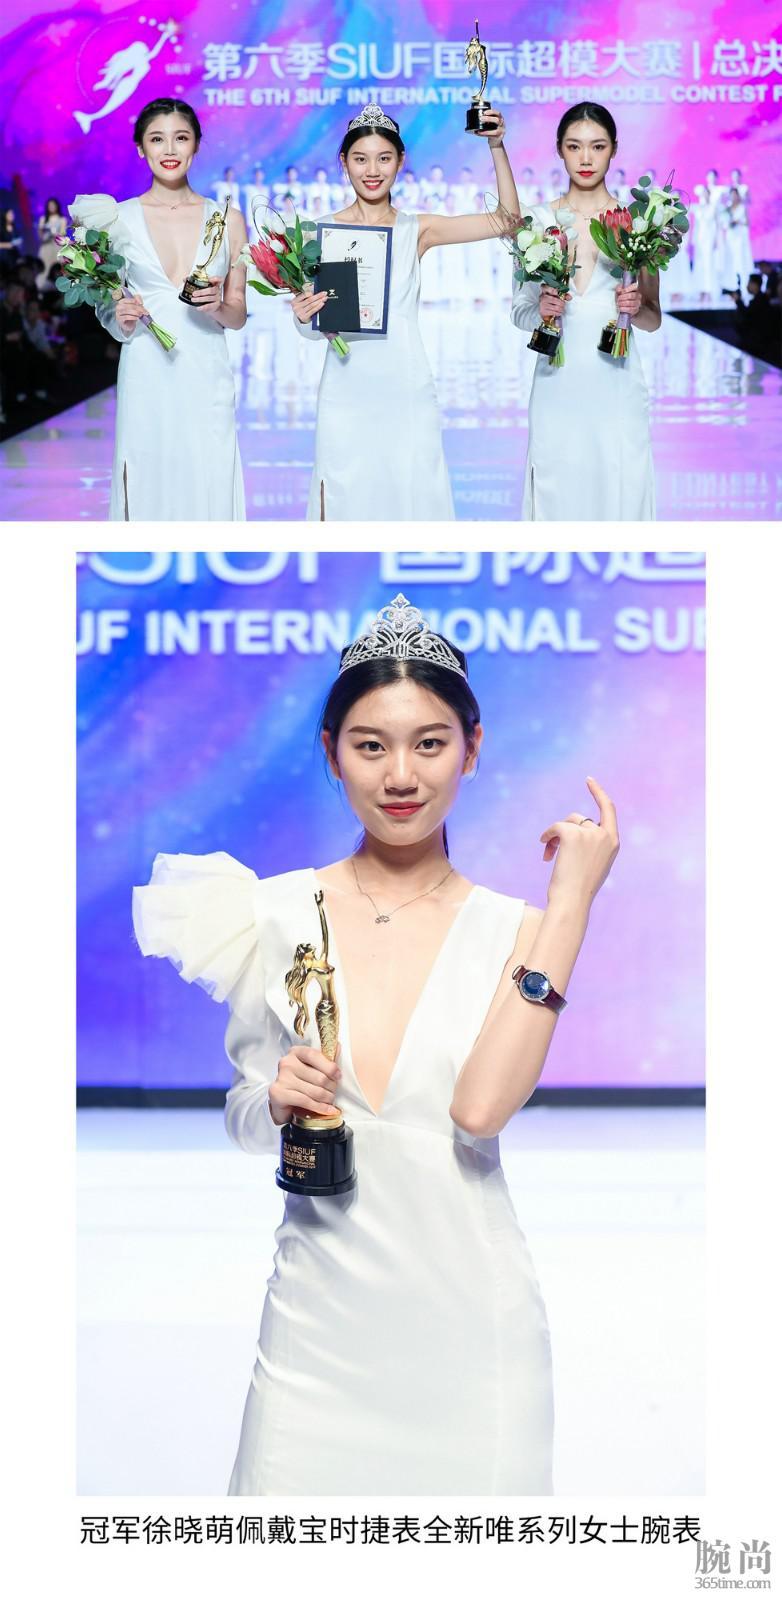 冠军徐晓萌佩戴宝时捷表全新唯系列女士腕表.jpg